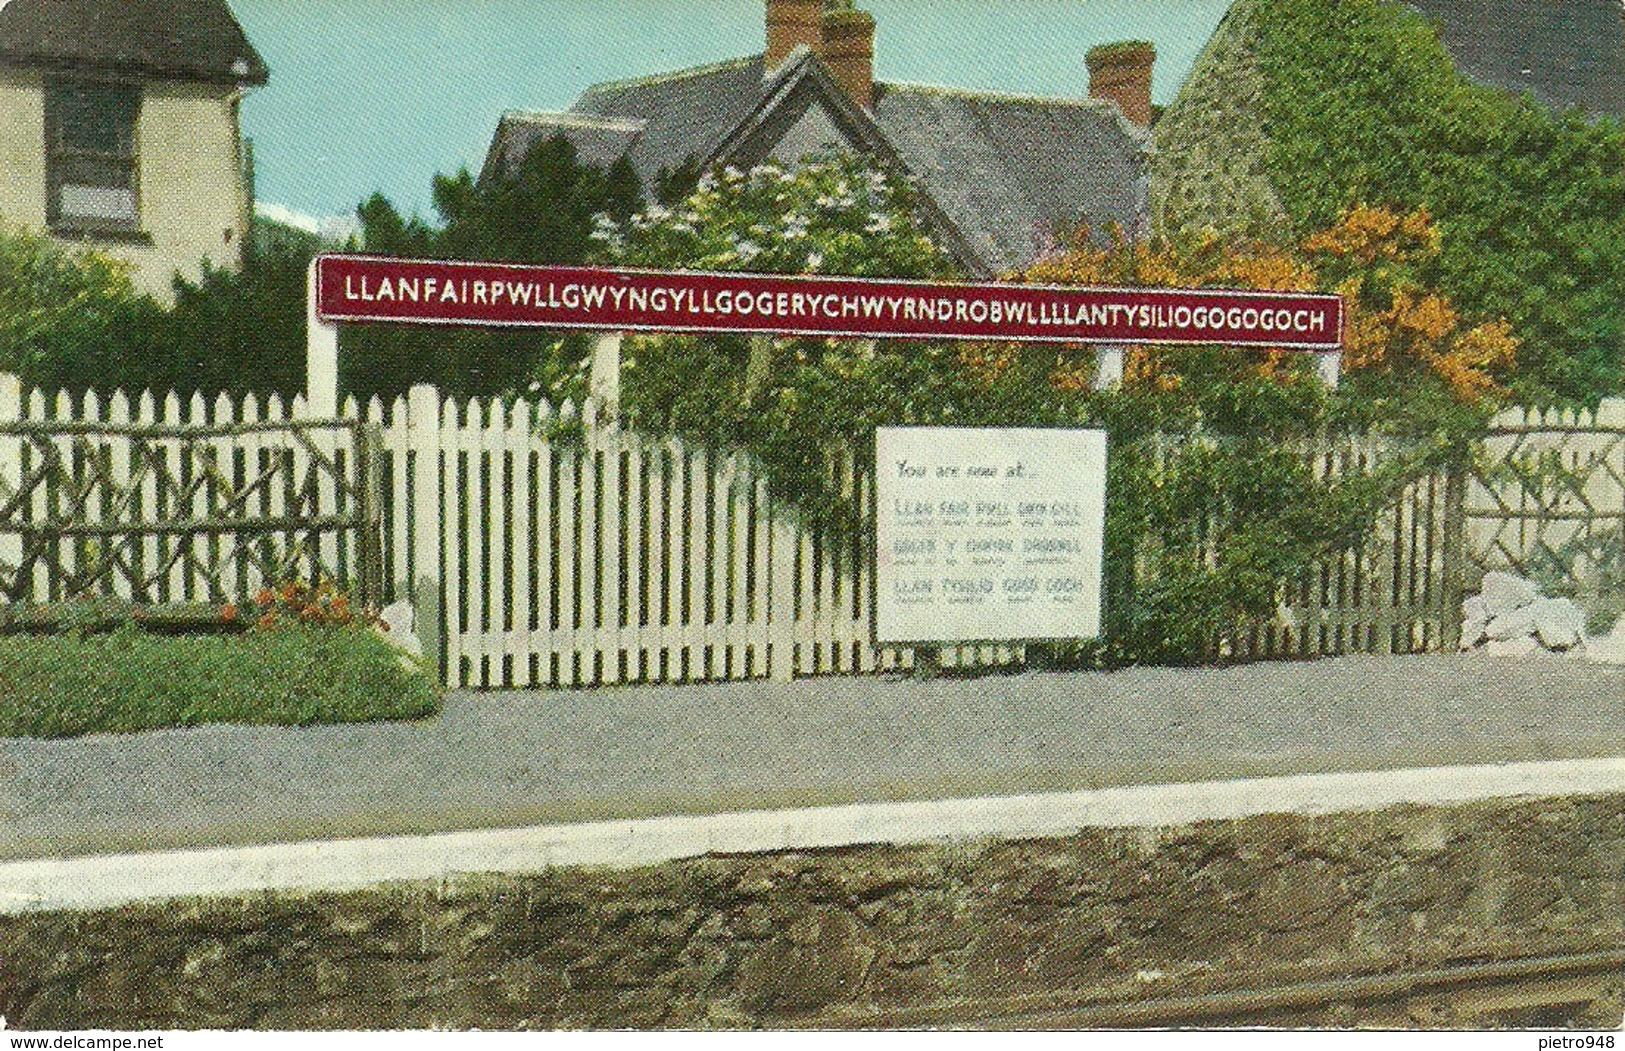 Llanfairpwllgwyngyllgogerychwyrndrobwllllantysiliogogogoch (Wales, Galles) Cartello Stazione Ferroviaria - Galles